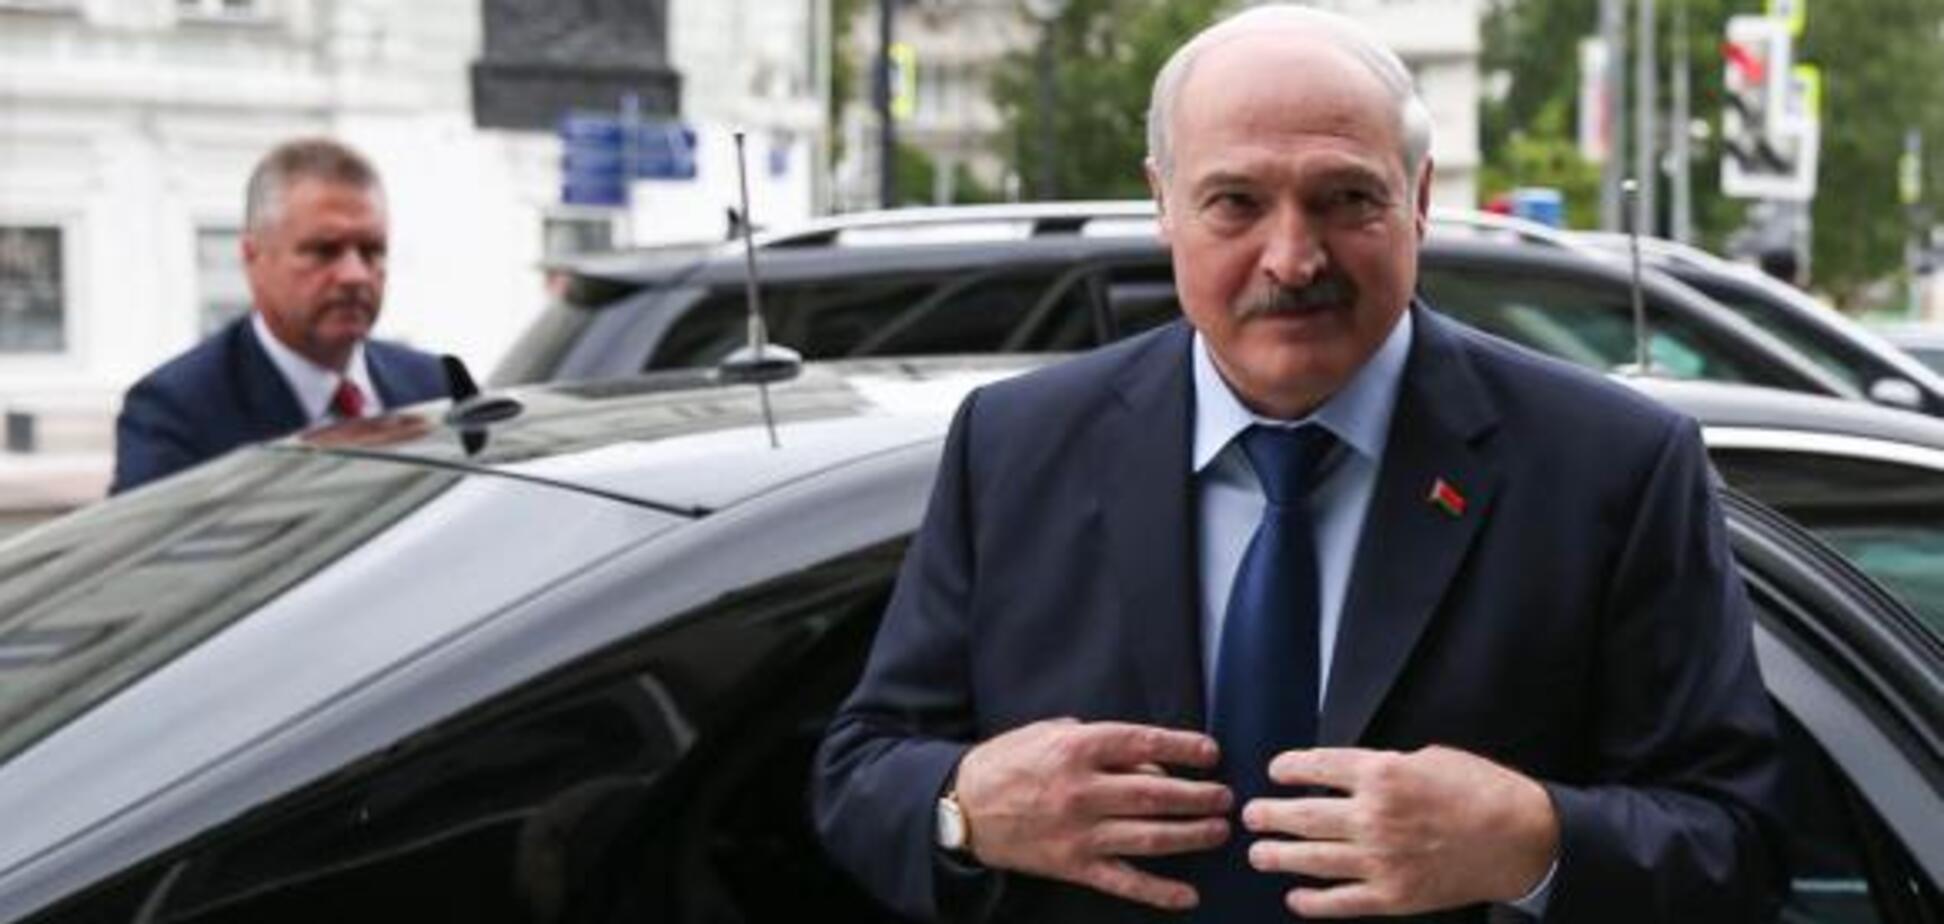 Владельцы электромобилей в Беларуси получили льготы от Лукашенко